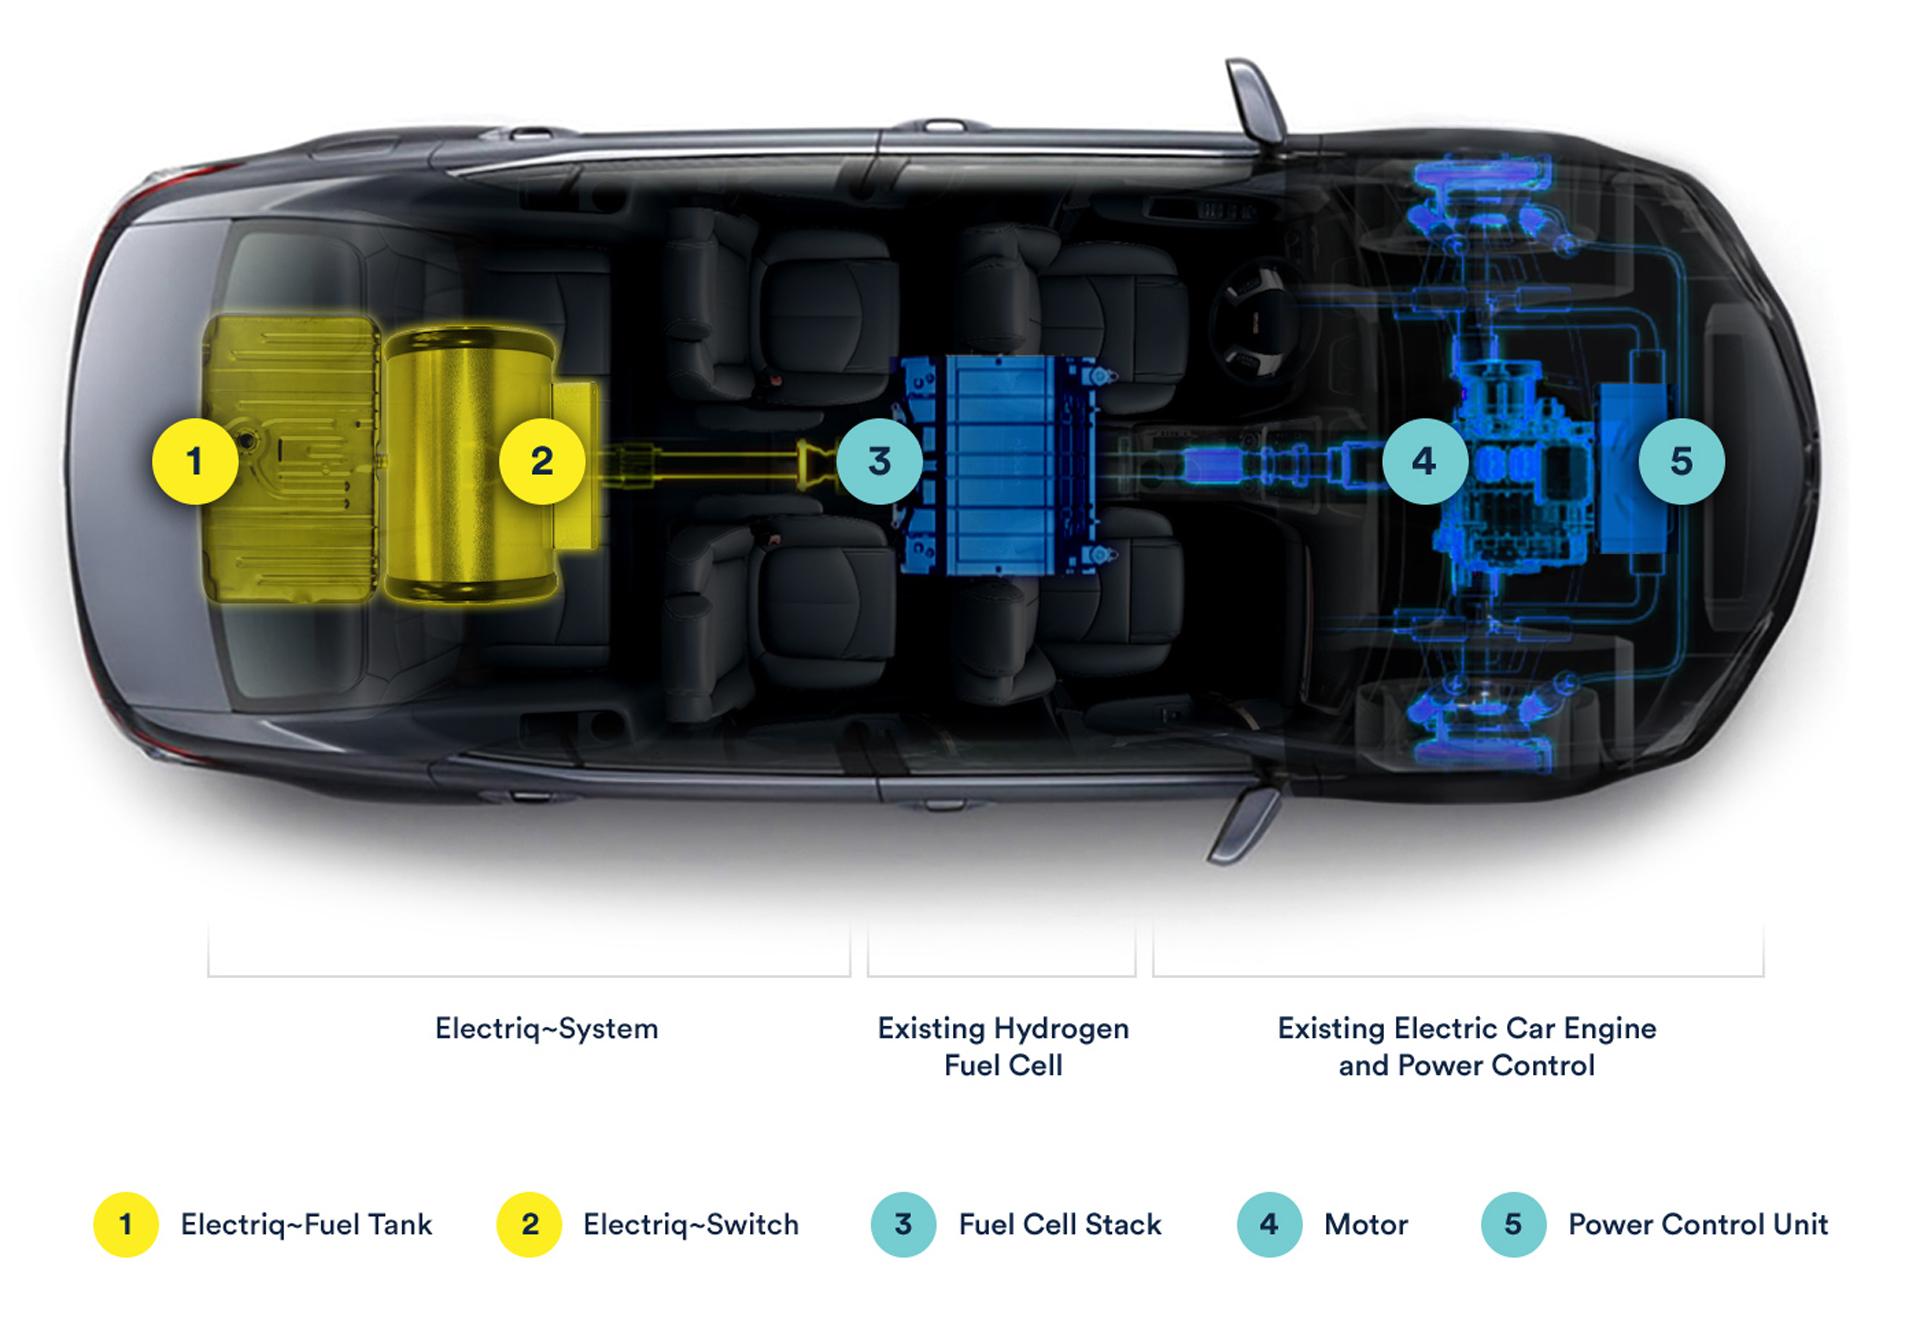 La compañía asegura que dicho combustible puede ser usado en un auto con pila de combustible de hidrógeno, aunque aspiran de que sea una solución para cualquier tipo de vehículo con motor eléctrico en el futuro